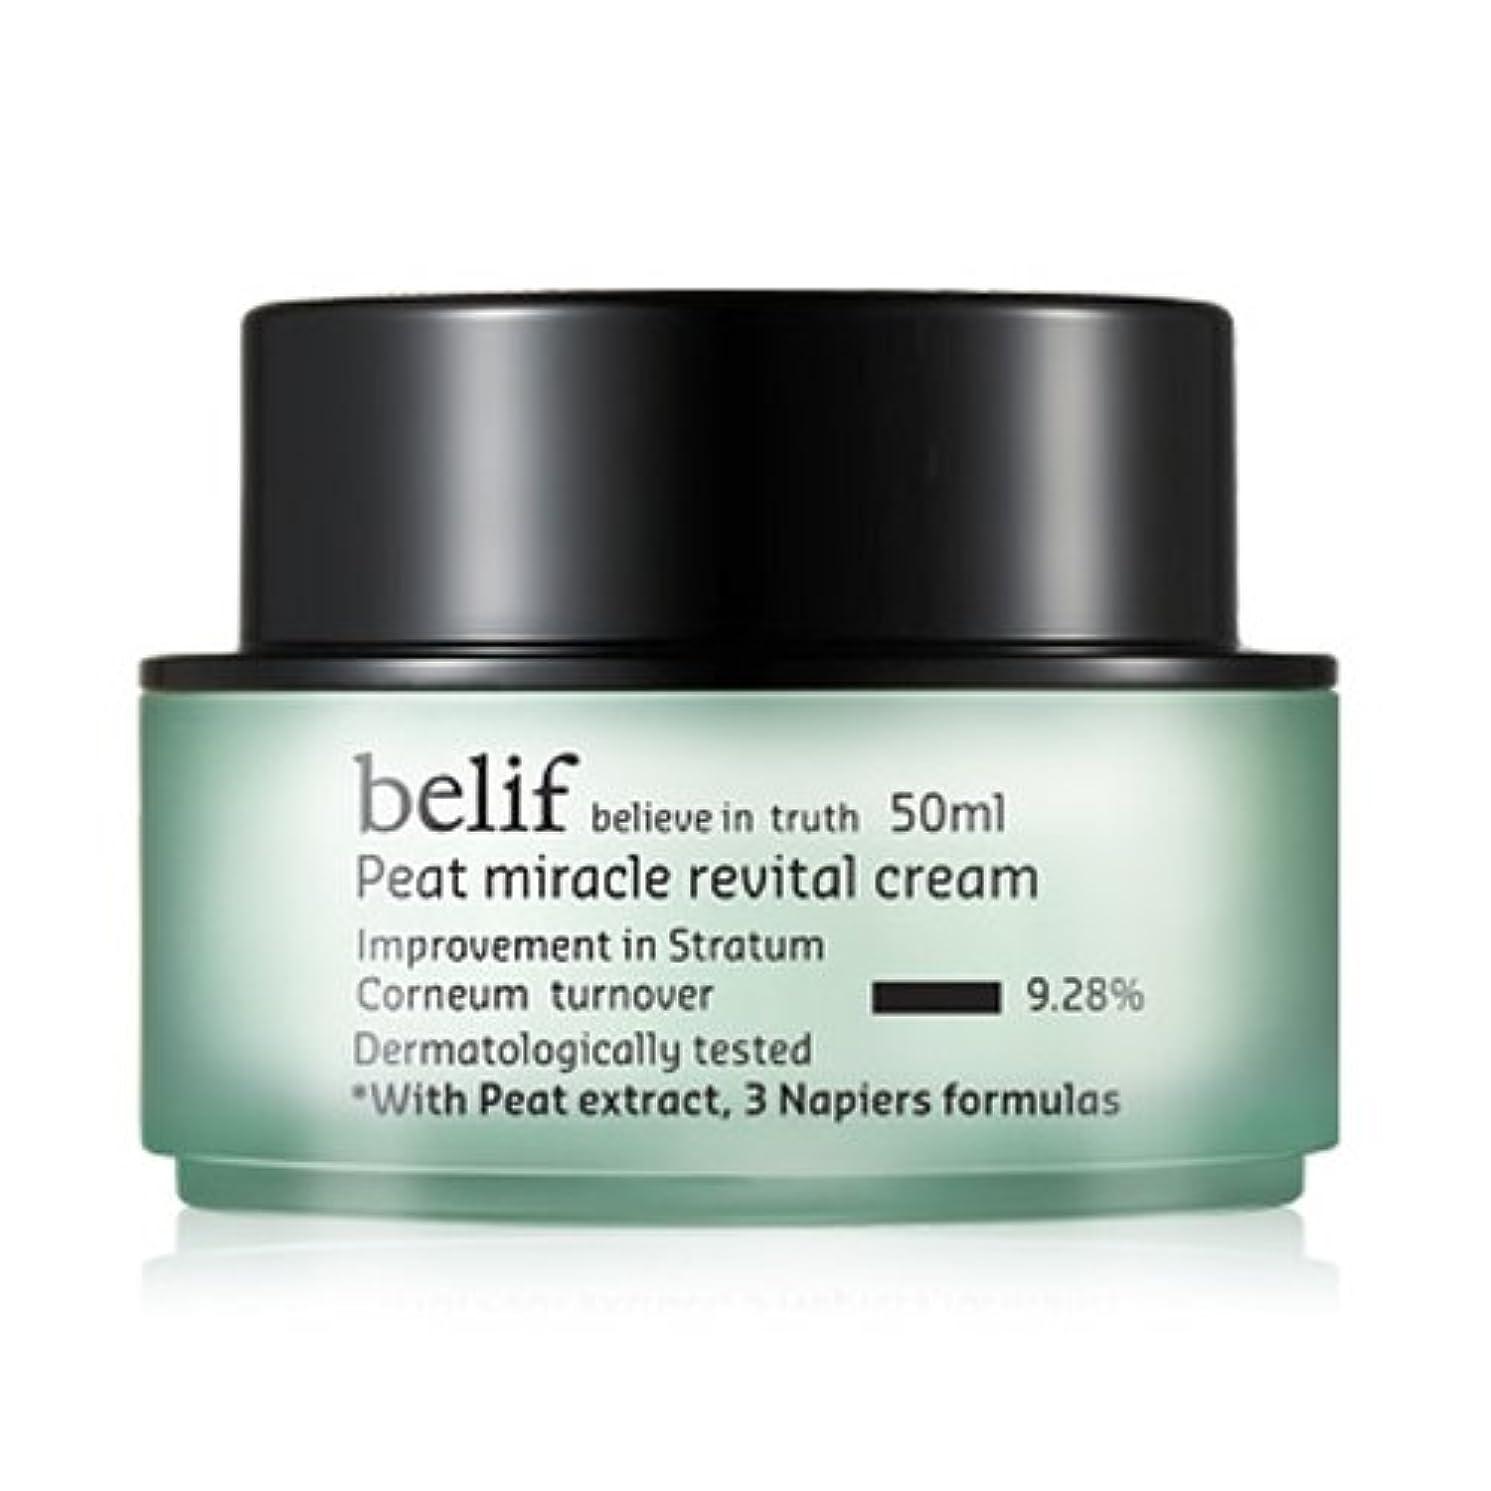 発見パーク体操Belif(ビリーフ)Peat Miracle Revital Cream 50ml/フィートミラクルリバイタルクリーム